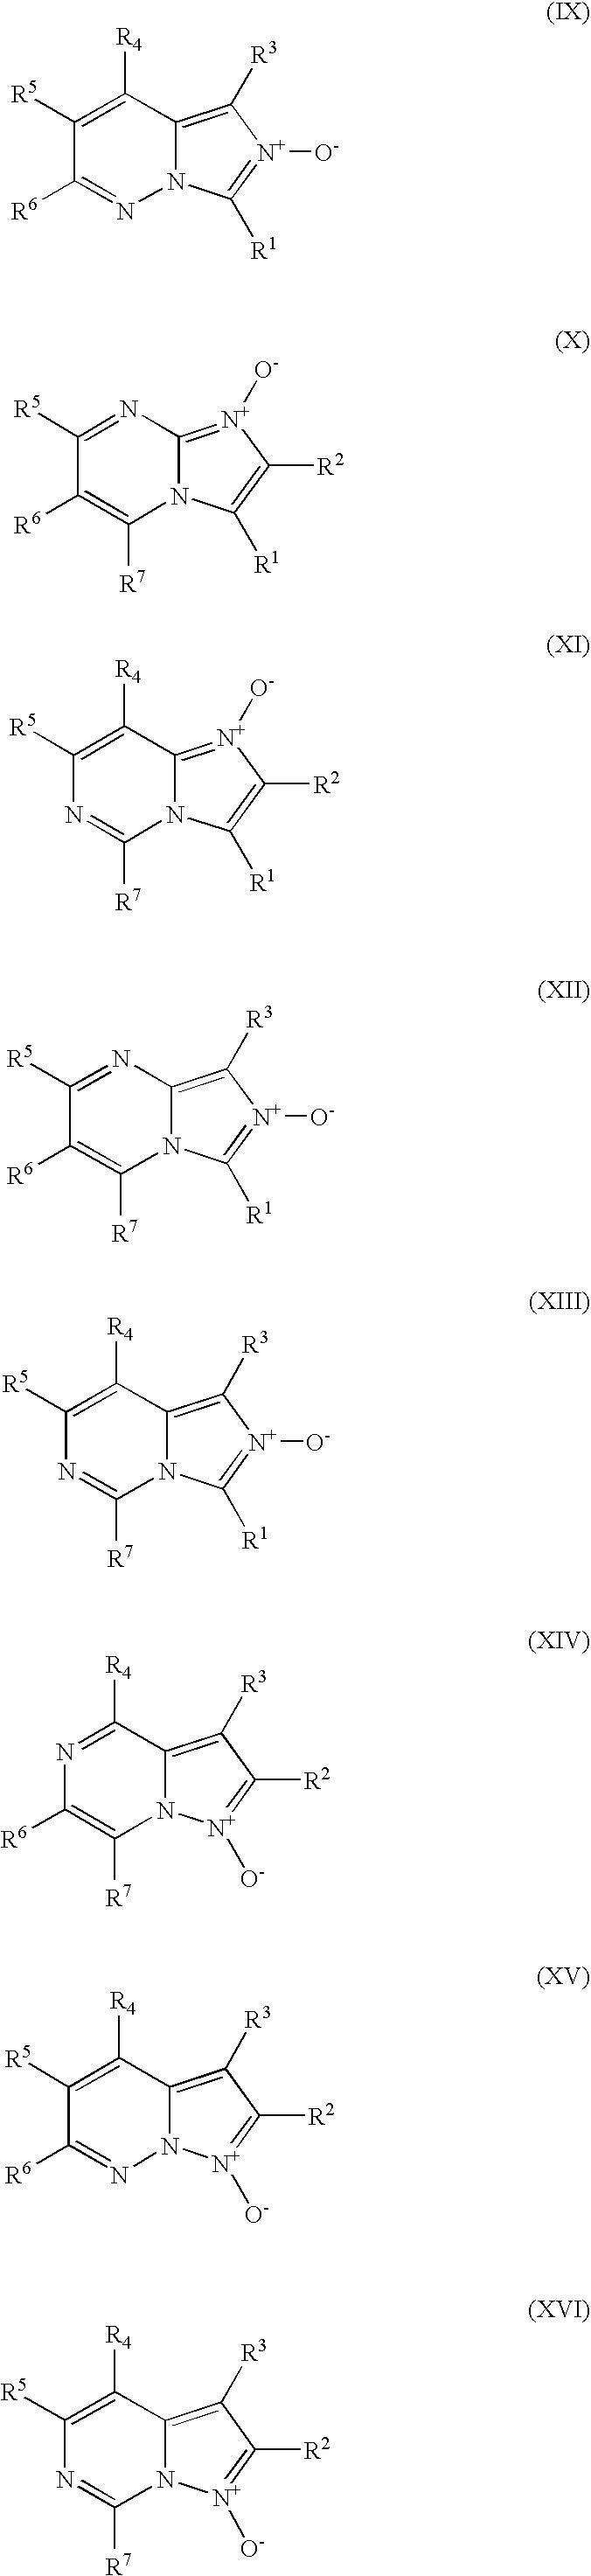 Figure US07288123-20071030-C00067